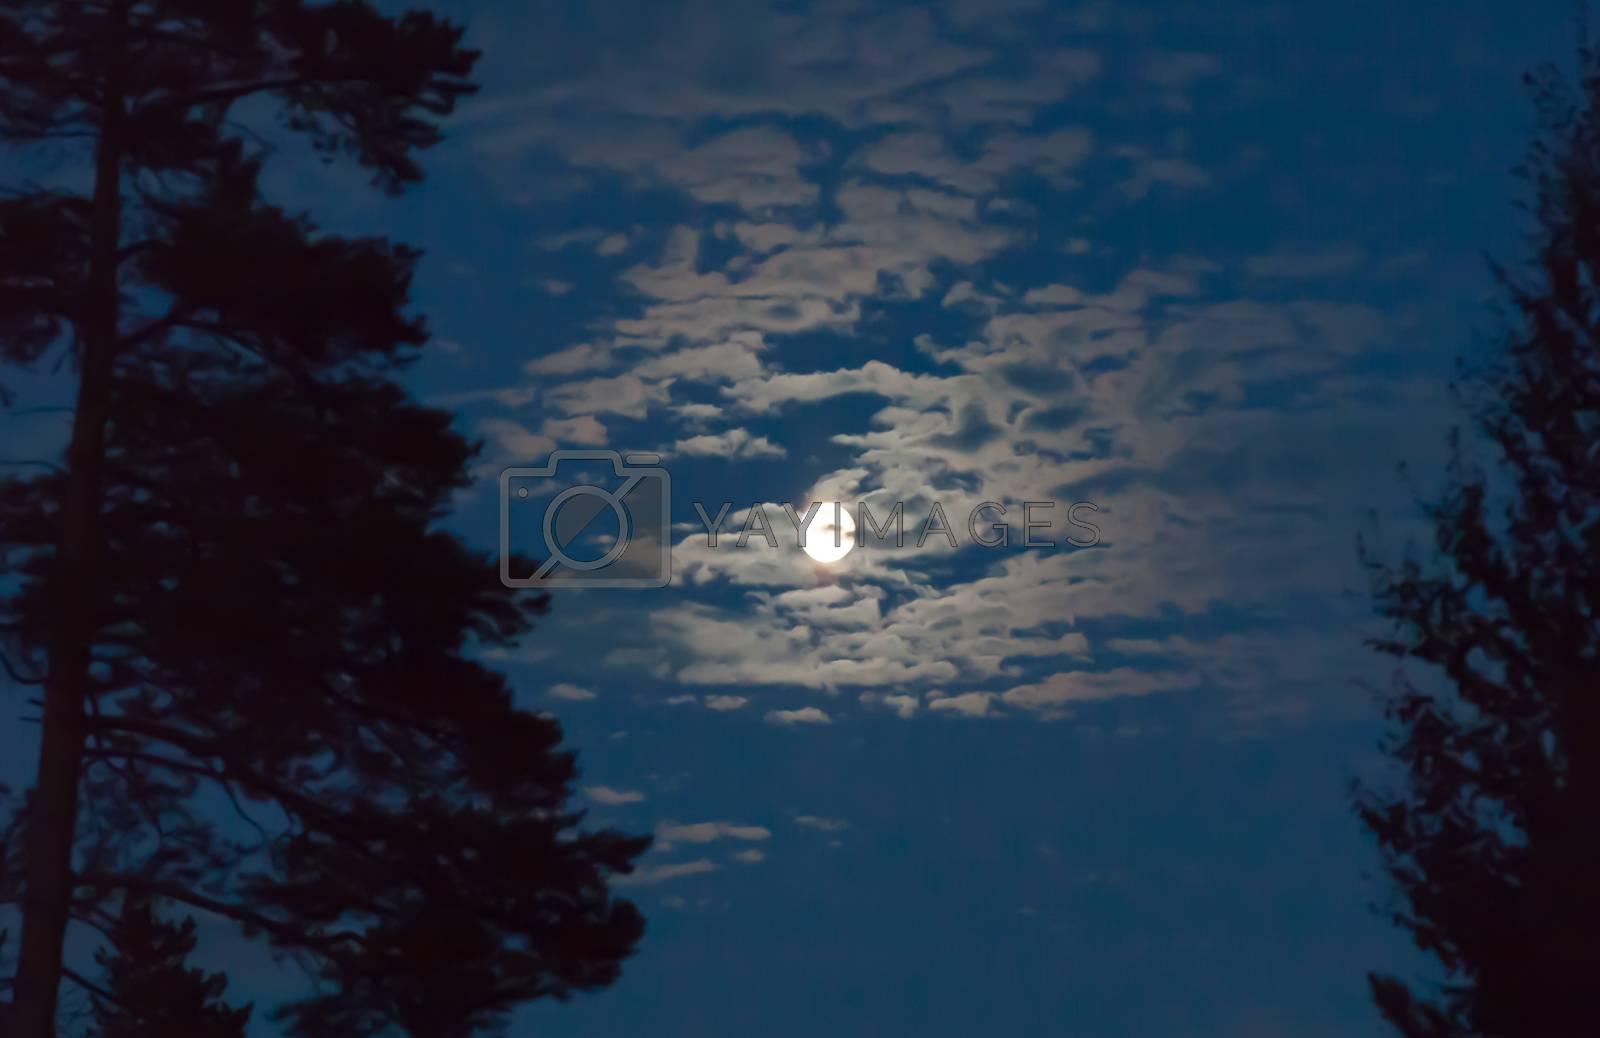 lunar landscape in evening forest